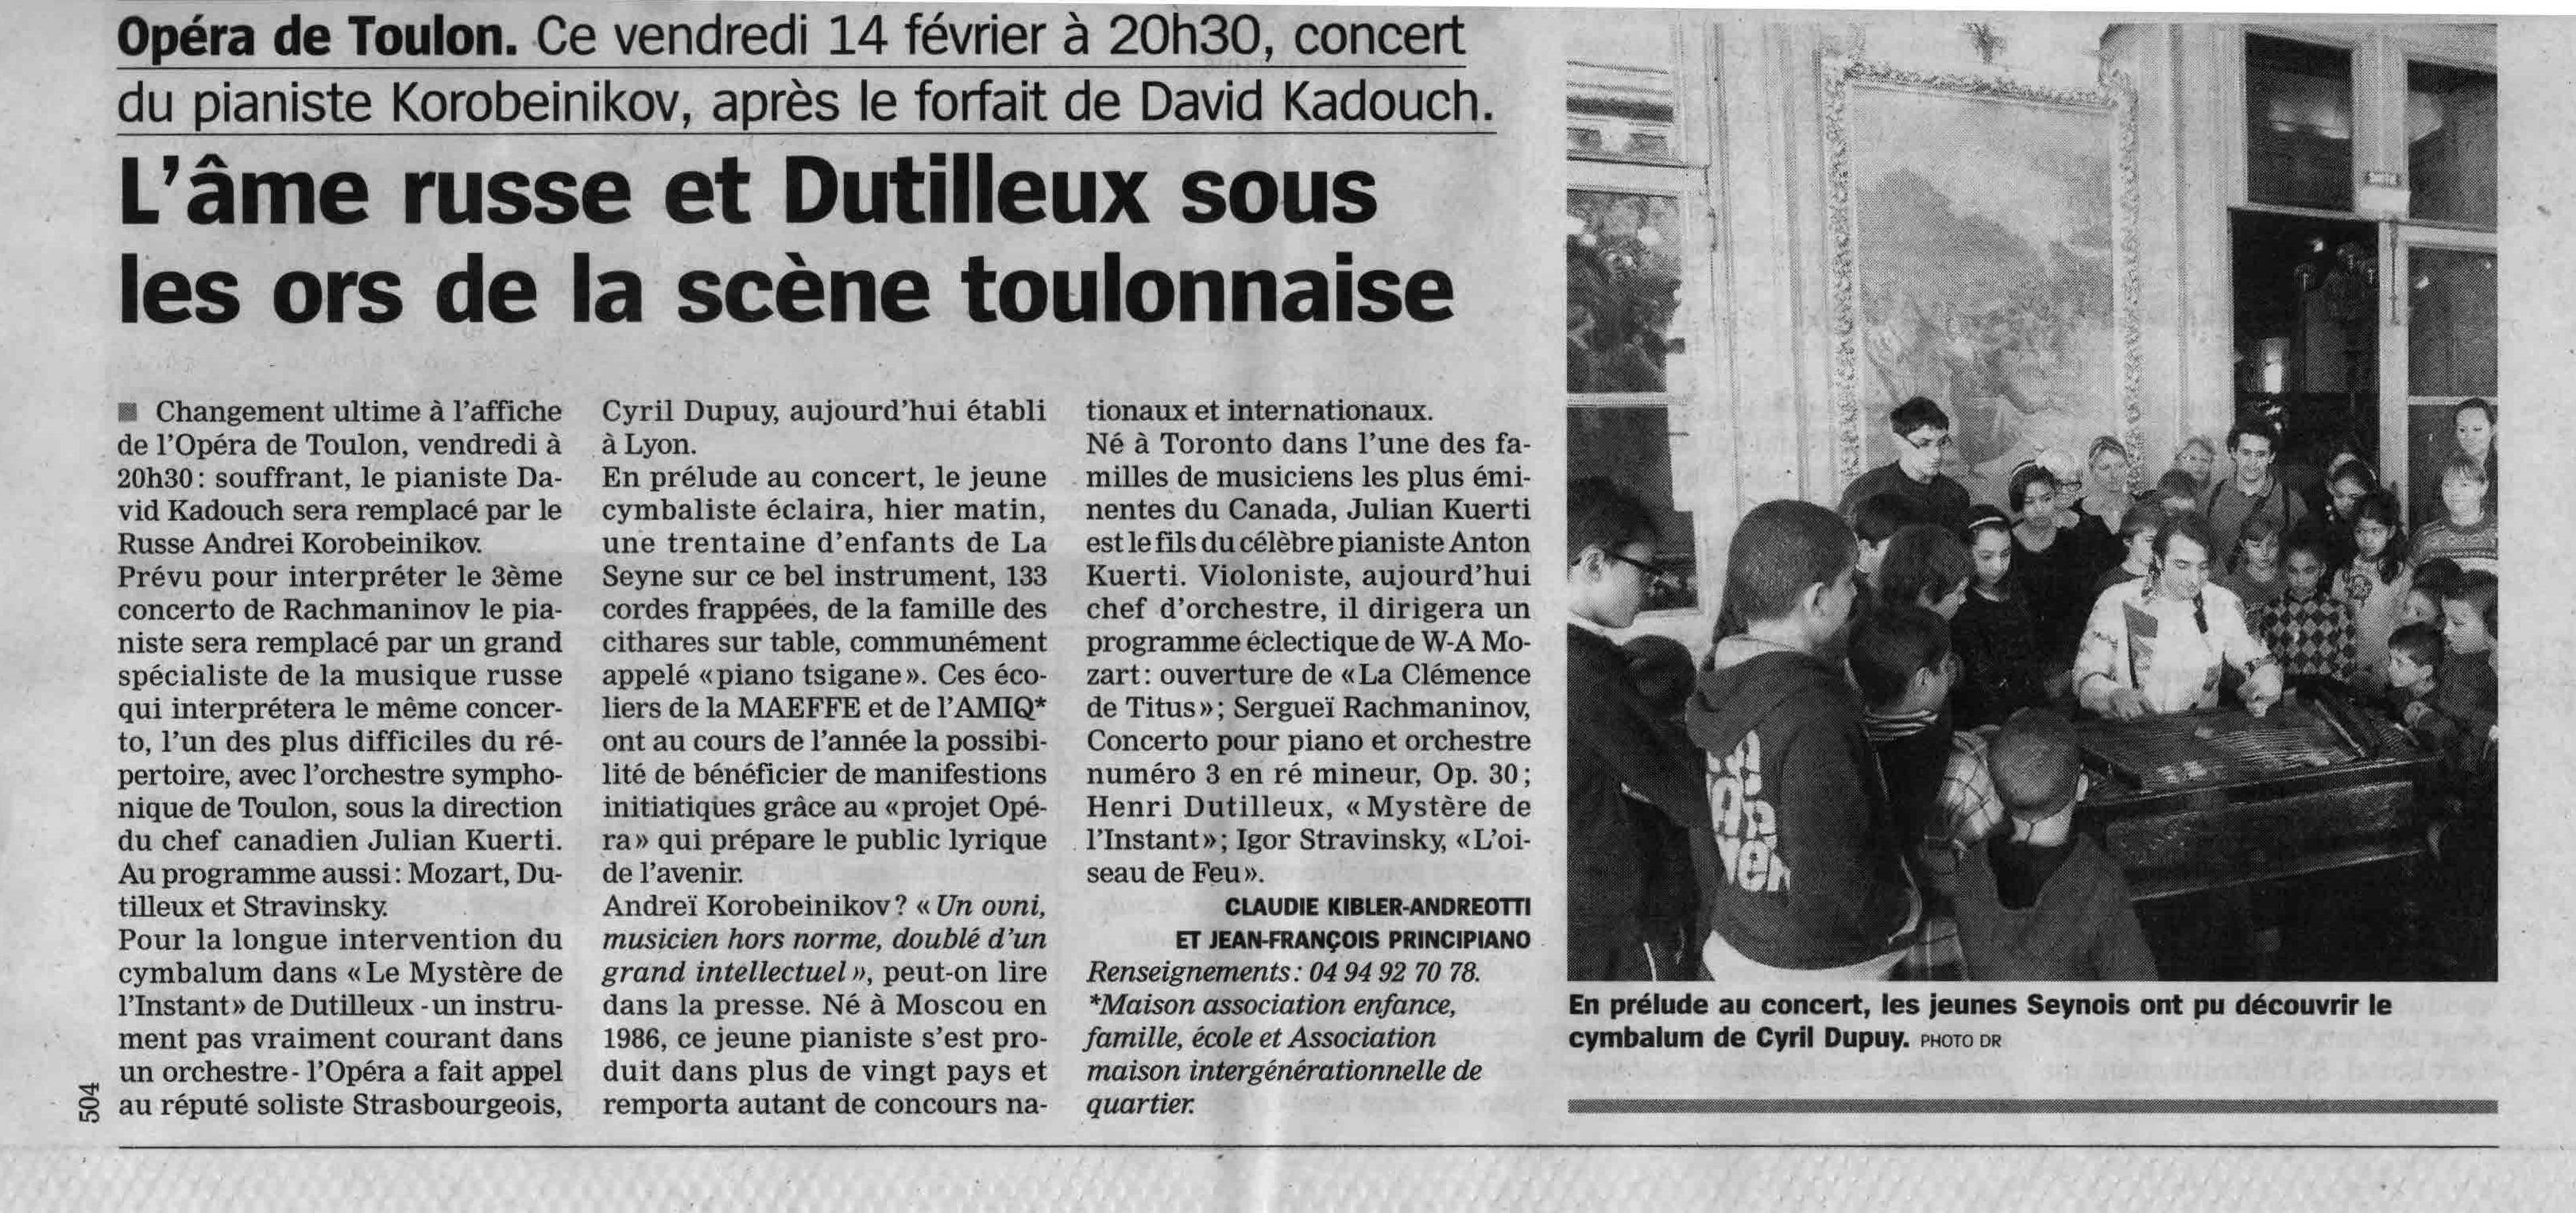 2014-02-13 - Article La Marseillaise